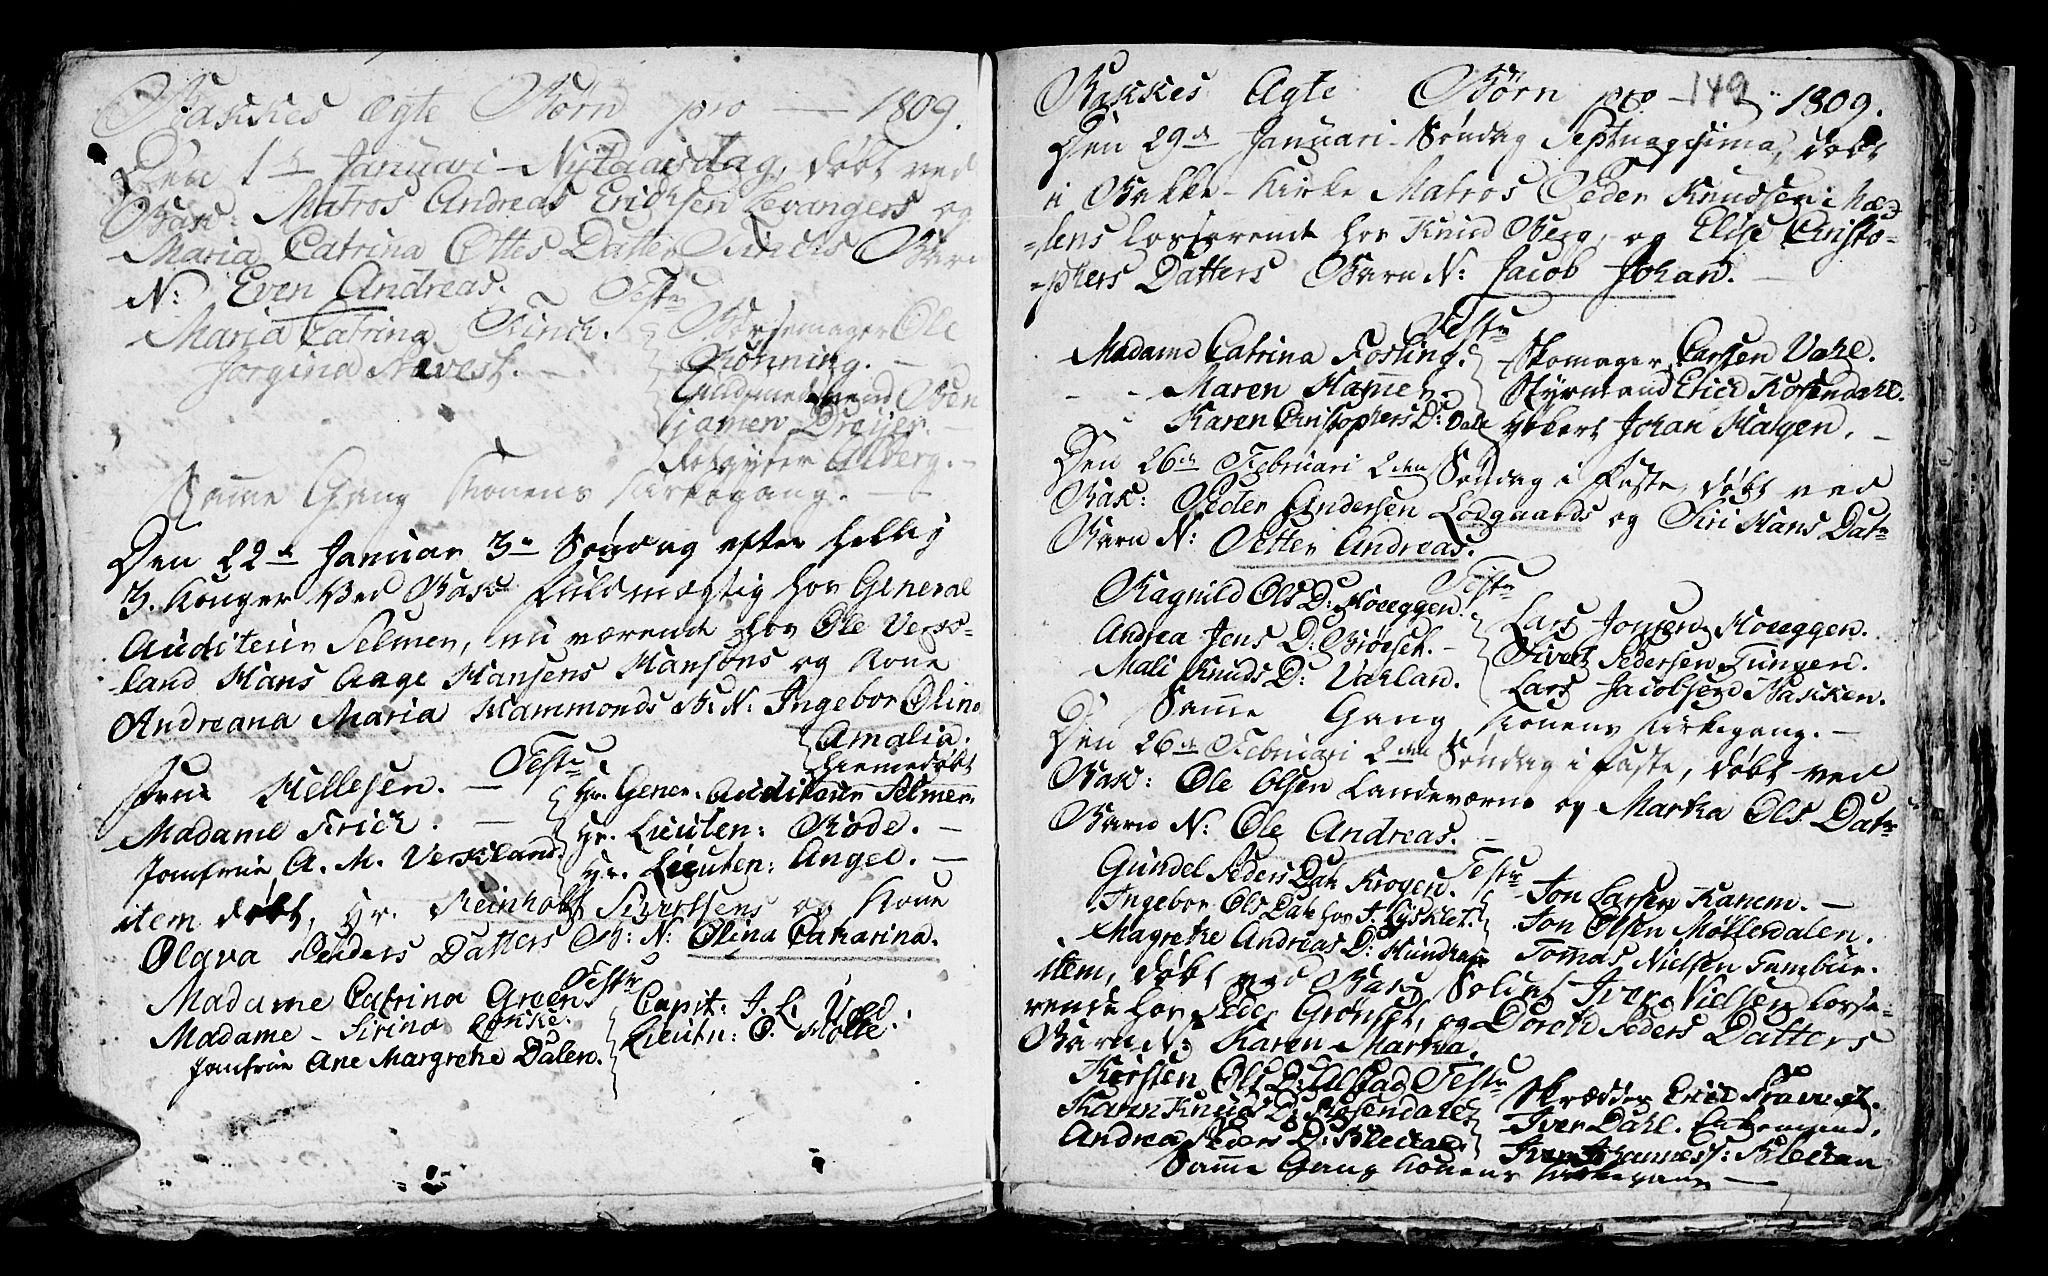 SAT, Ministerialprotokoller, klokkerbøker og fødselsregistre - Sør-Trøndelag, 604/L0218: Klokkerbok nr. 604C01, 1754-1819, s. 149